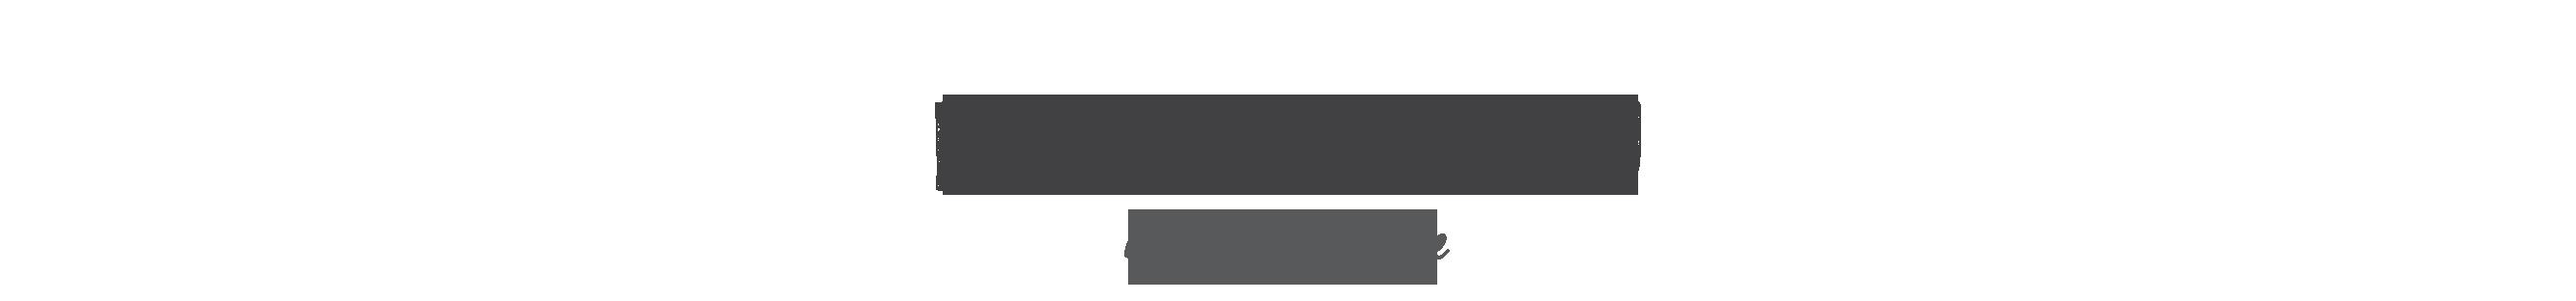 ZROBILISMY-menu-wybr